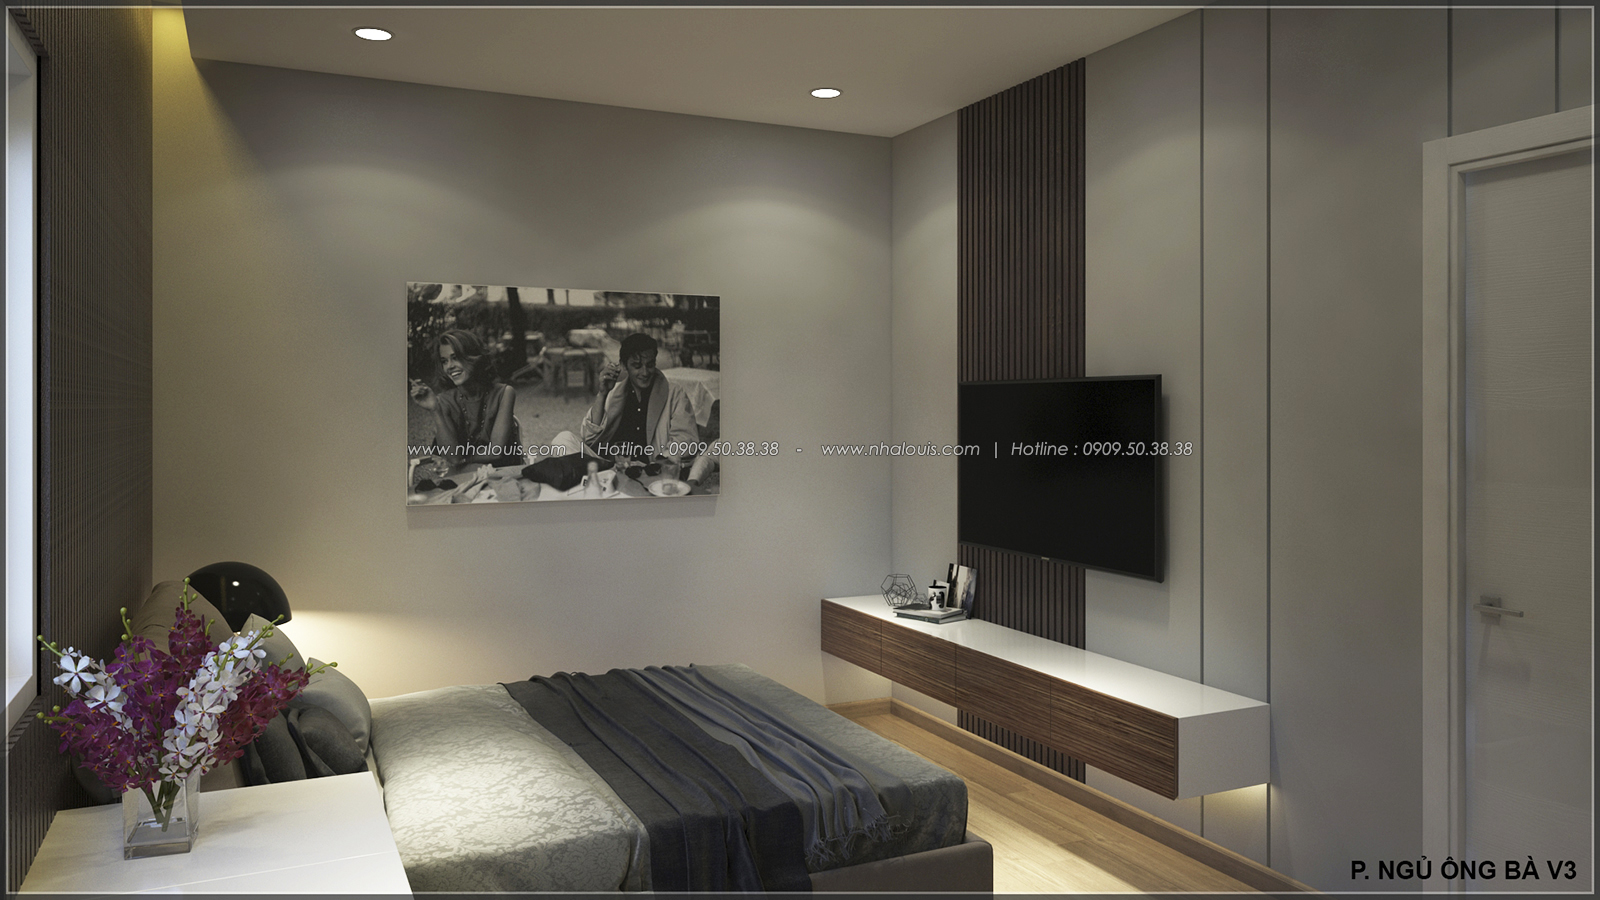 Phòng ngủ thiết kế nhà ống mặt tiền 5m của chị Linh quận 6 - 17